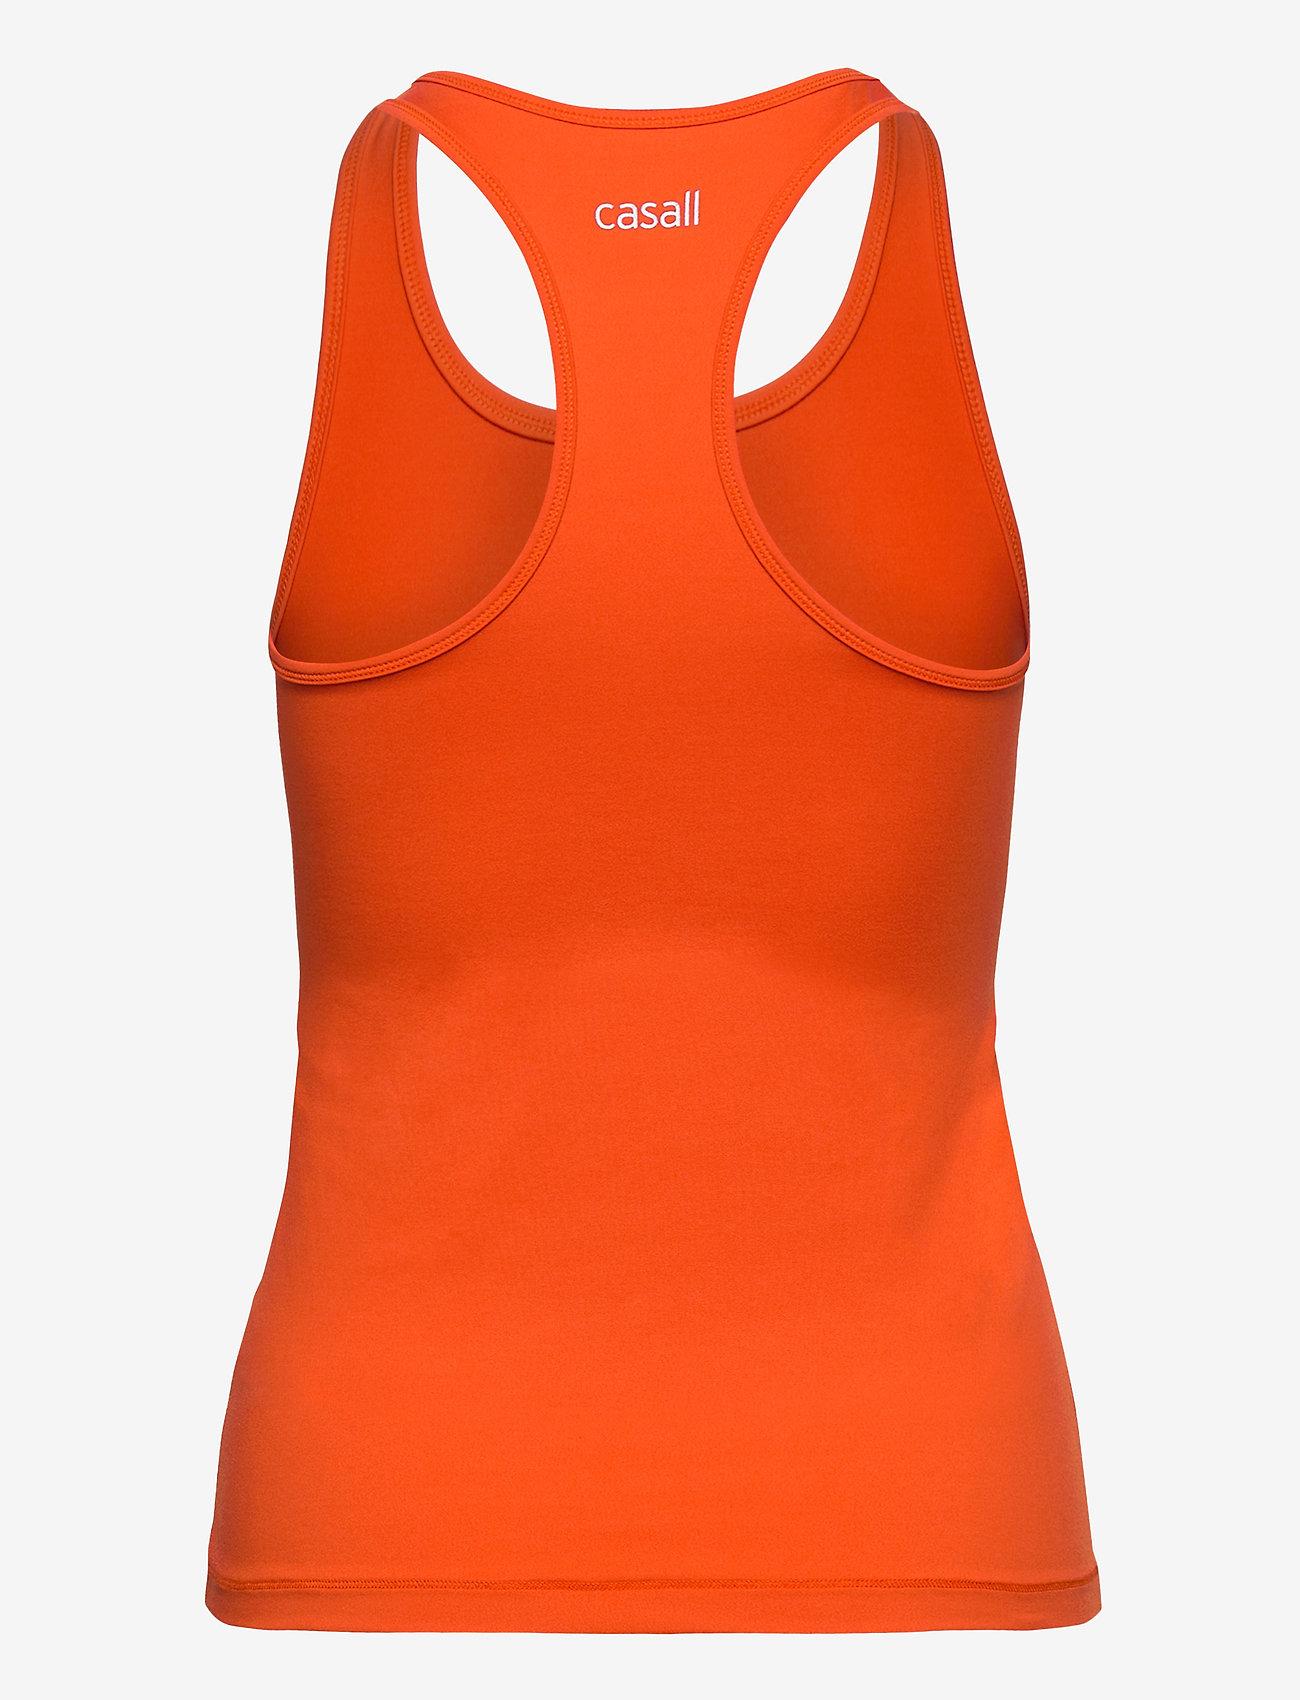 Casall - Essential Racerback - podkoszulki bez rękawów - intense orange - 1